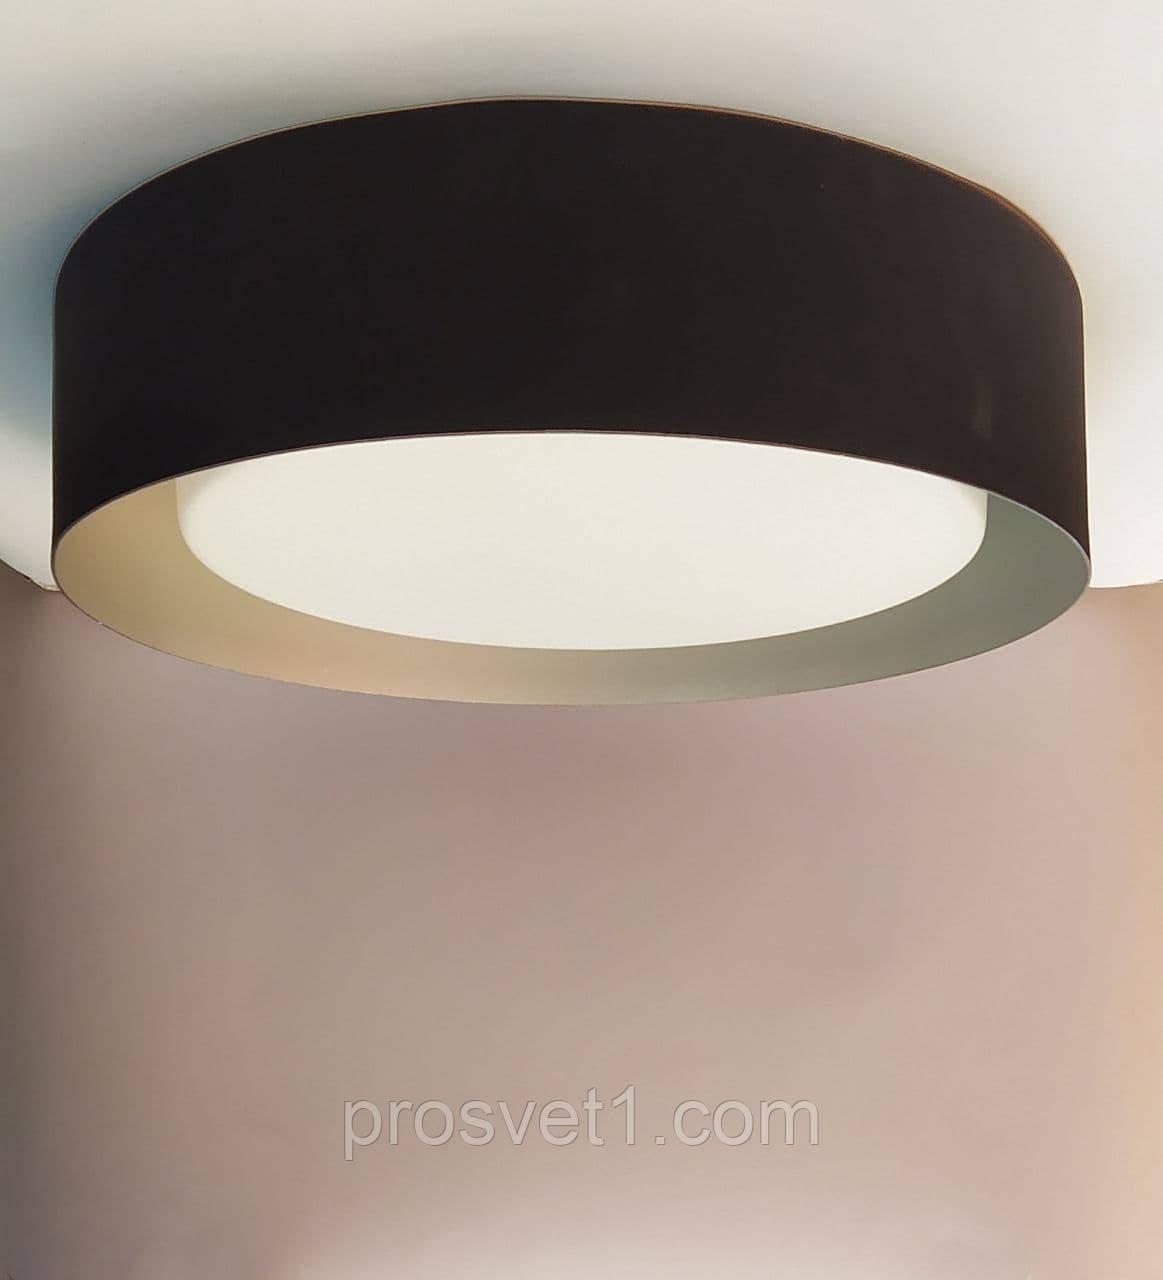 Светильник потолочный MX-A054  3*Е27 черный+хром